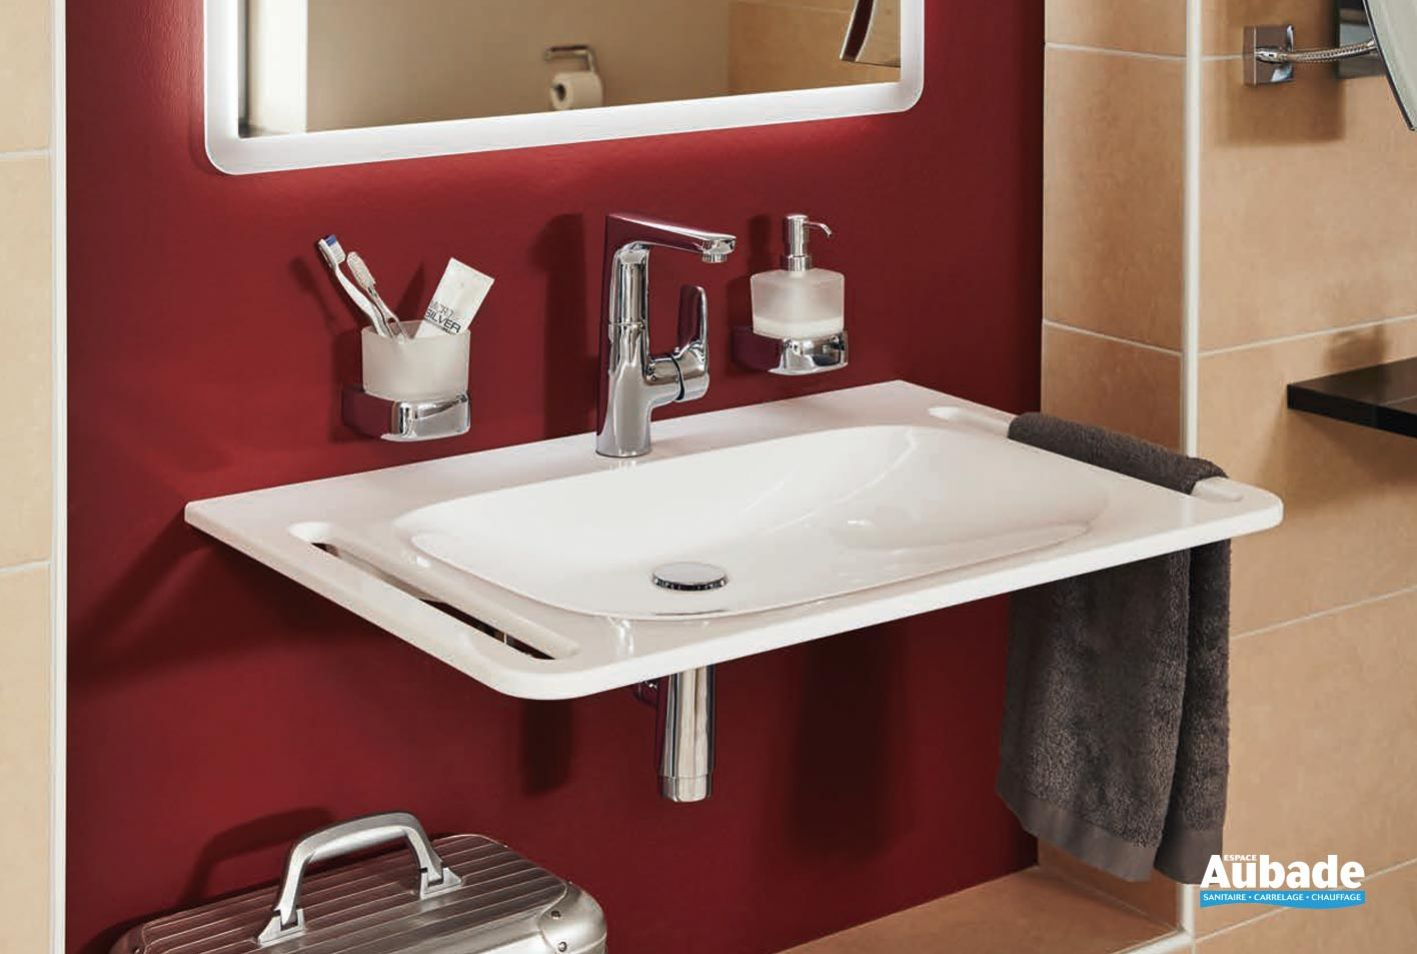 Plan de toilette derby style vigour espace aubade Plan de toilette salle de bain